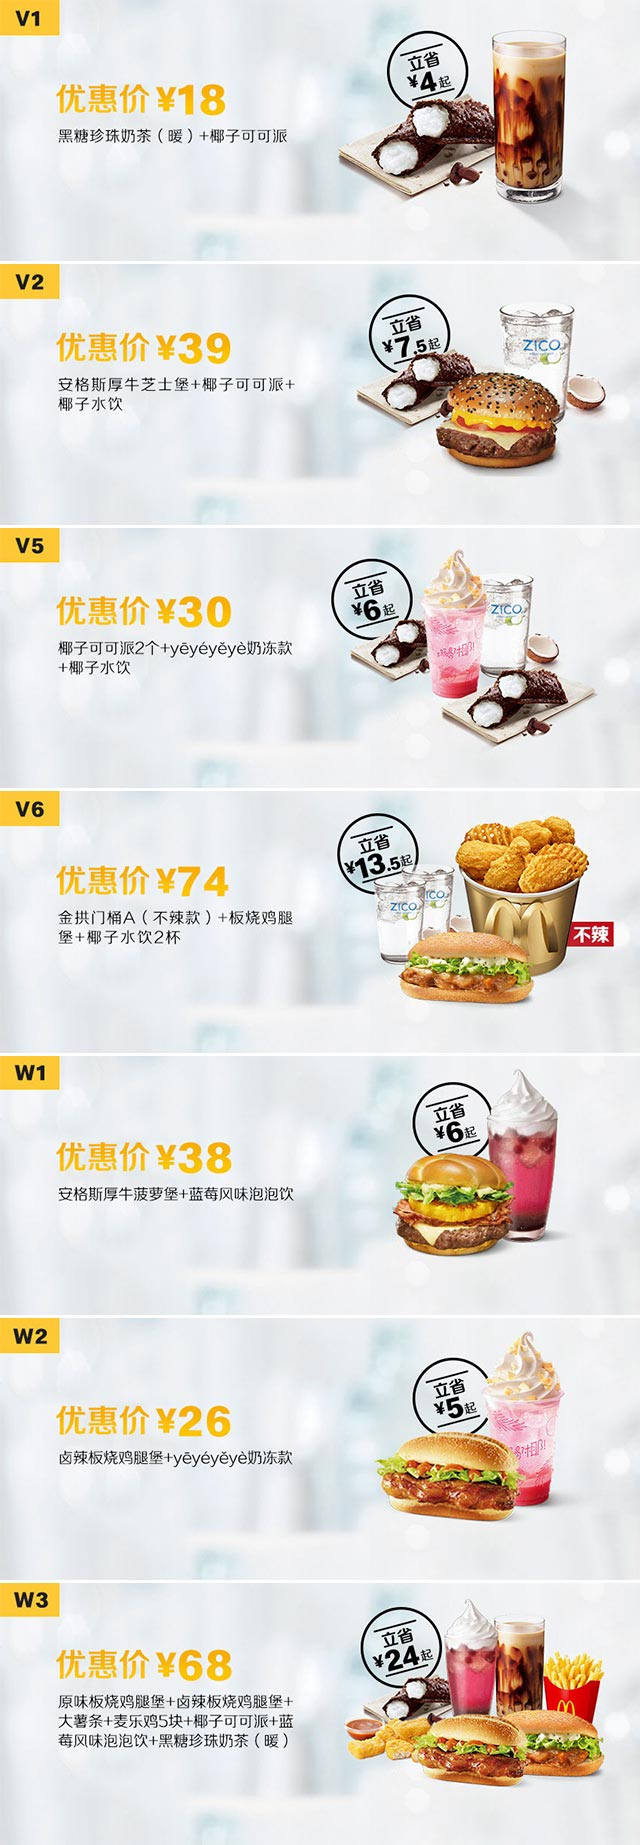 麦当劳优惠券2019年11月27日至2019年12月24日手机版整张,点餐时出示优惠券享优惠价 有效期至:2019年12月24日 www.5ikfc.com